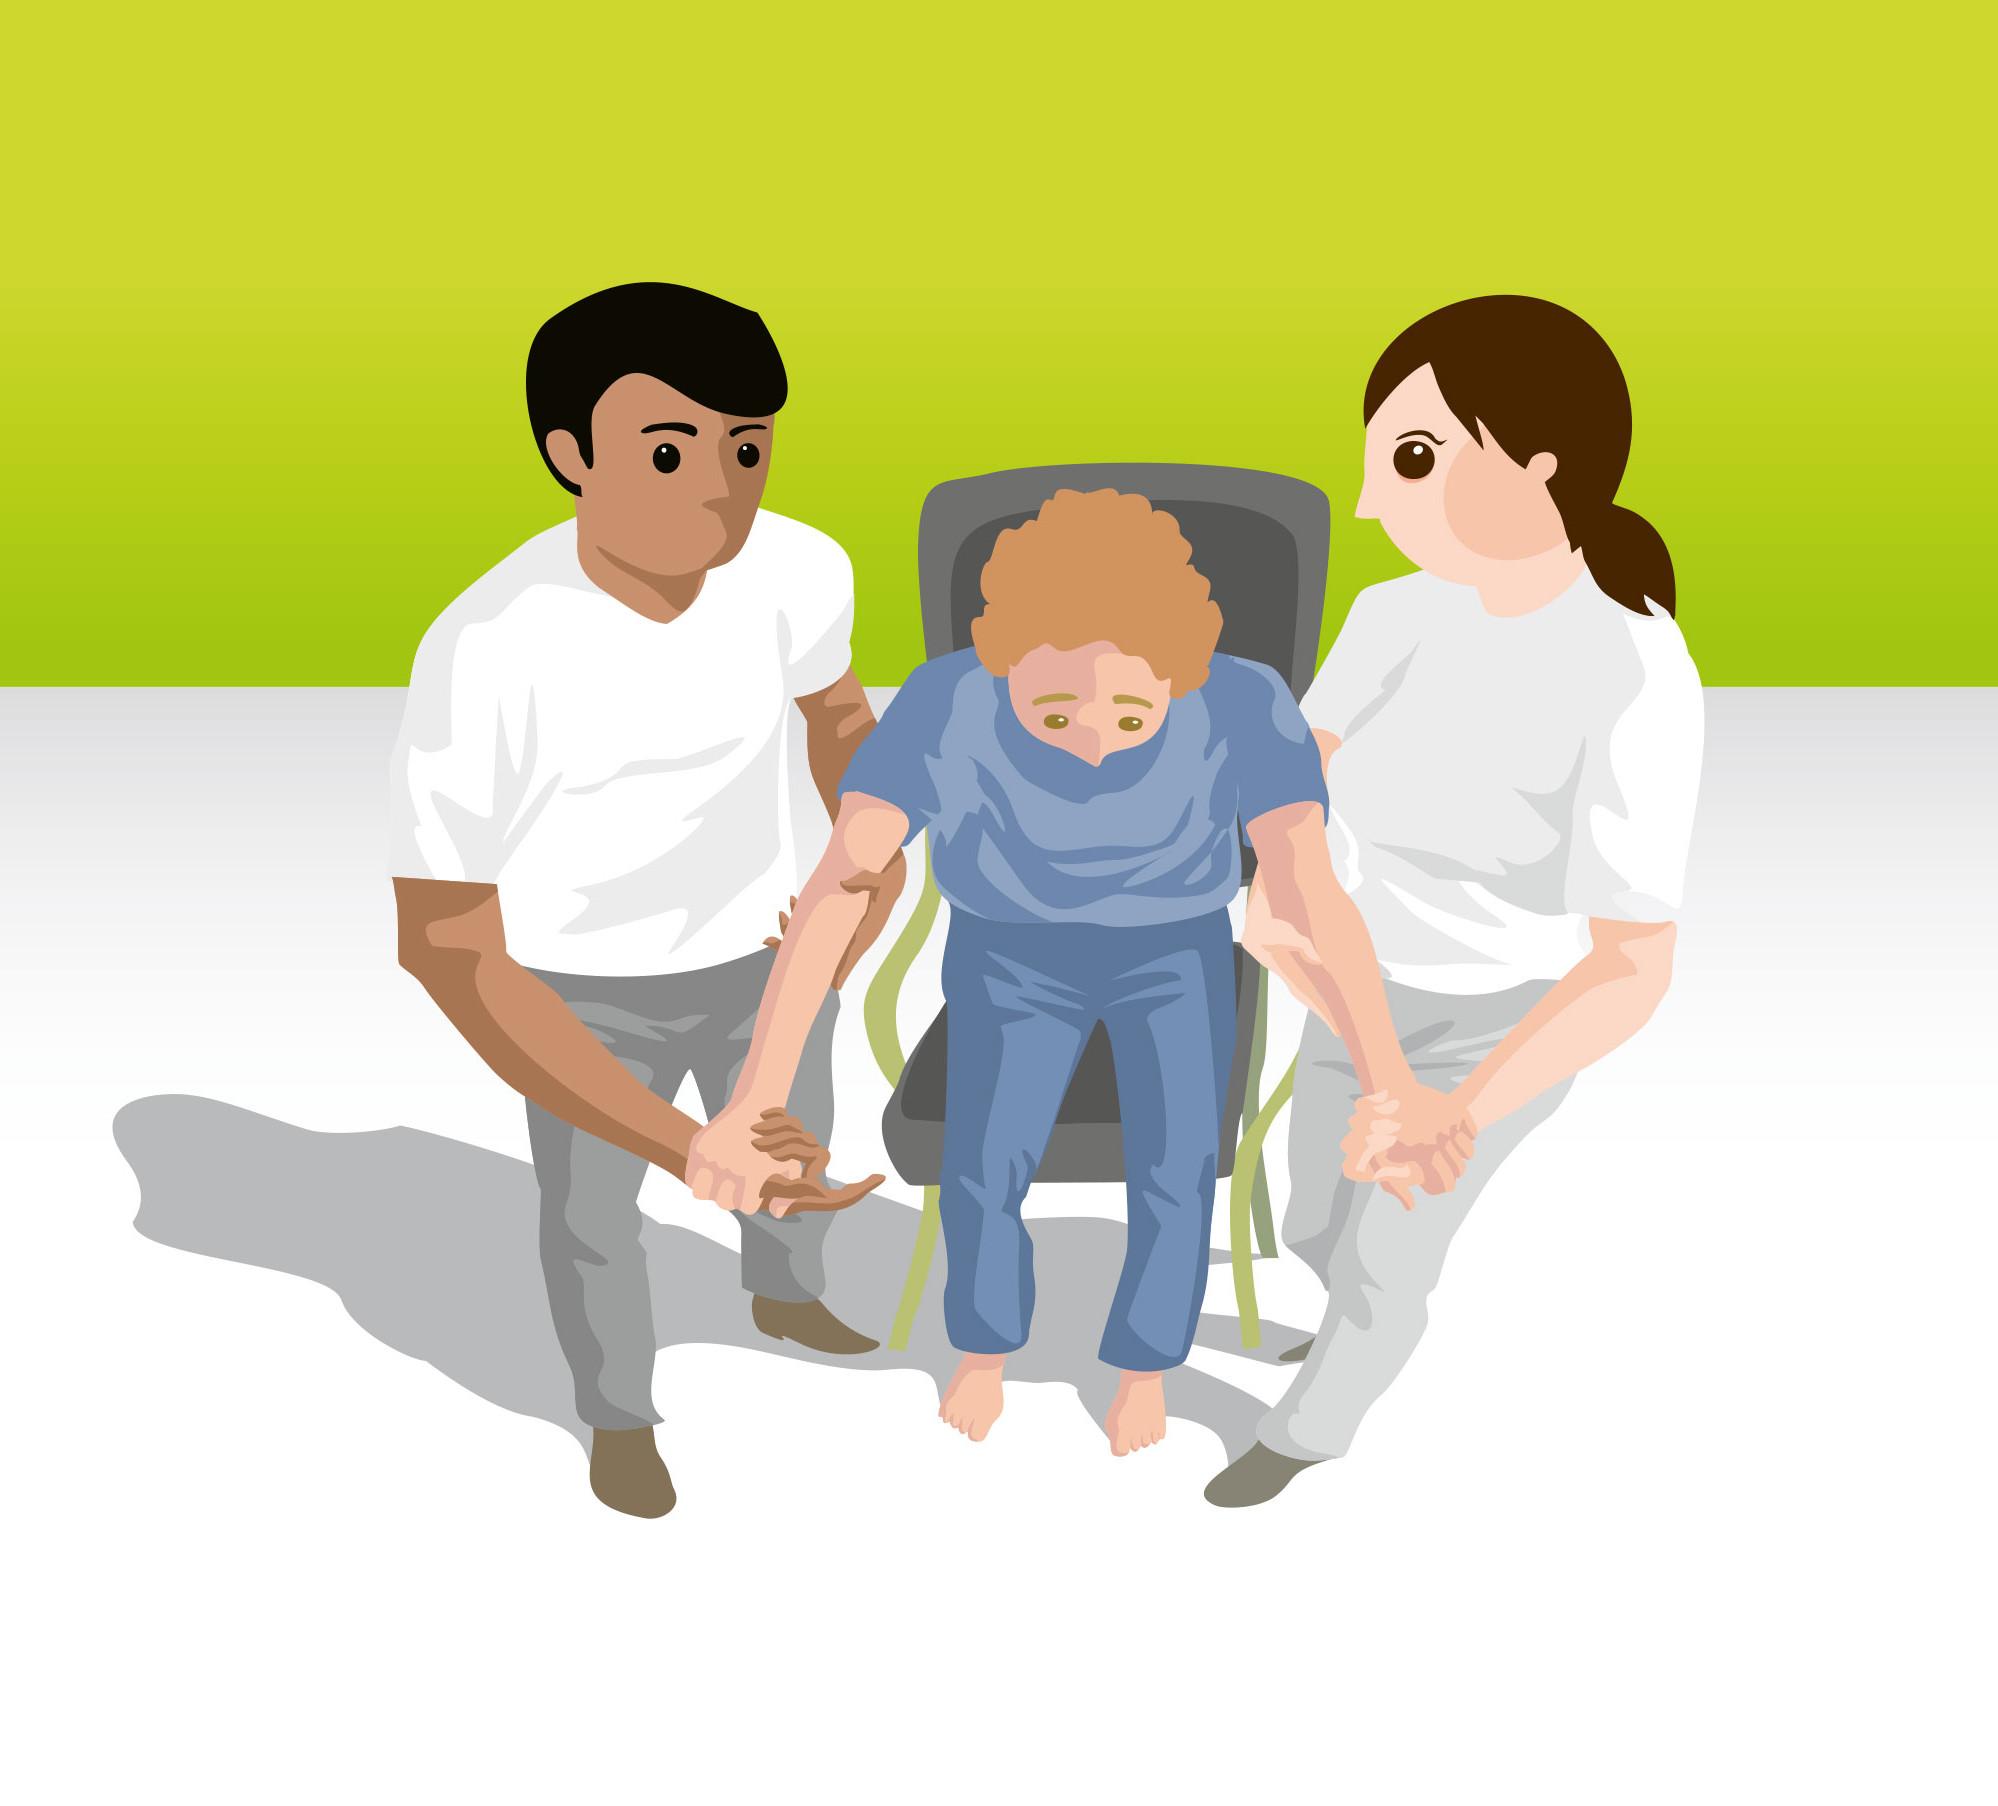 Mobilisation unterstützt durch zwei Pflegekräfte